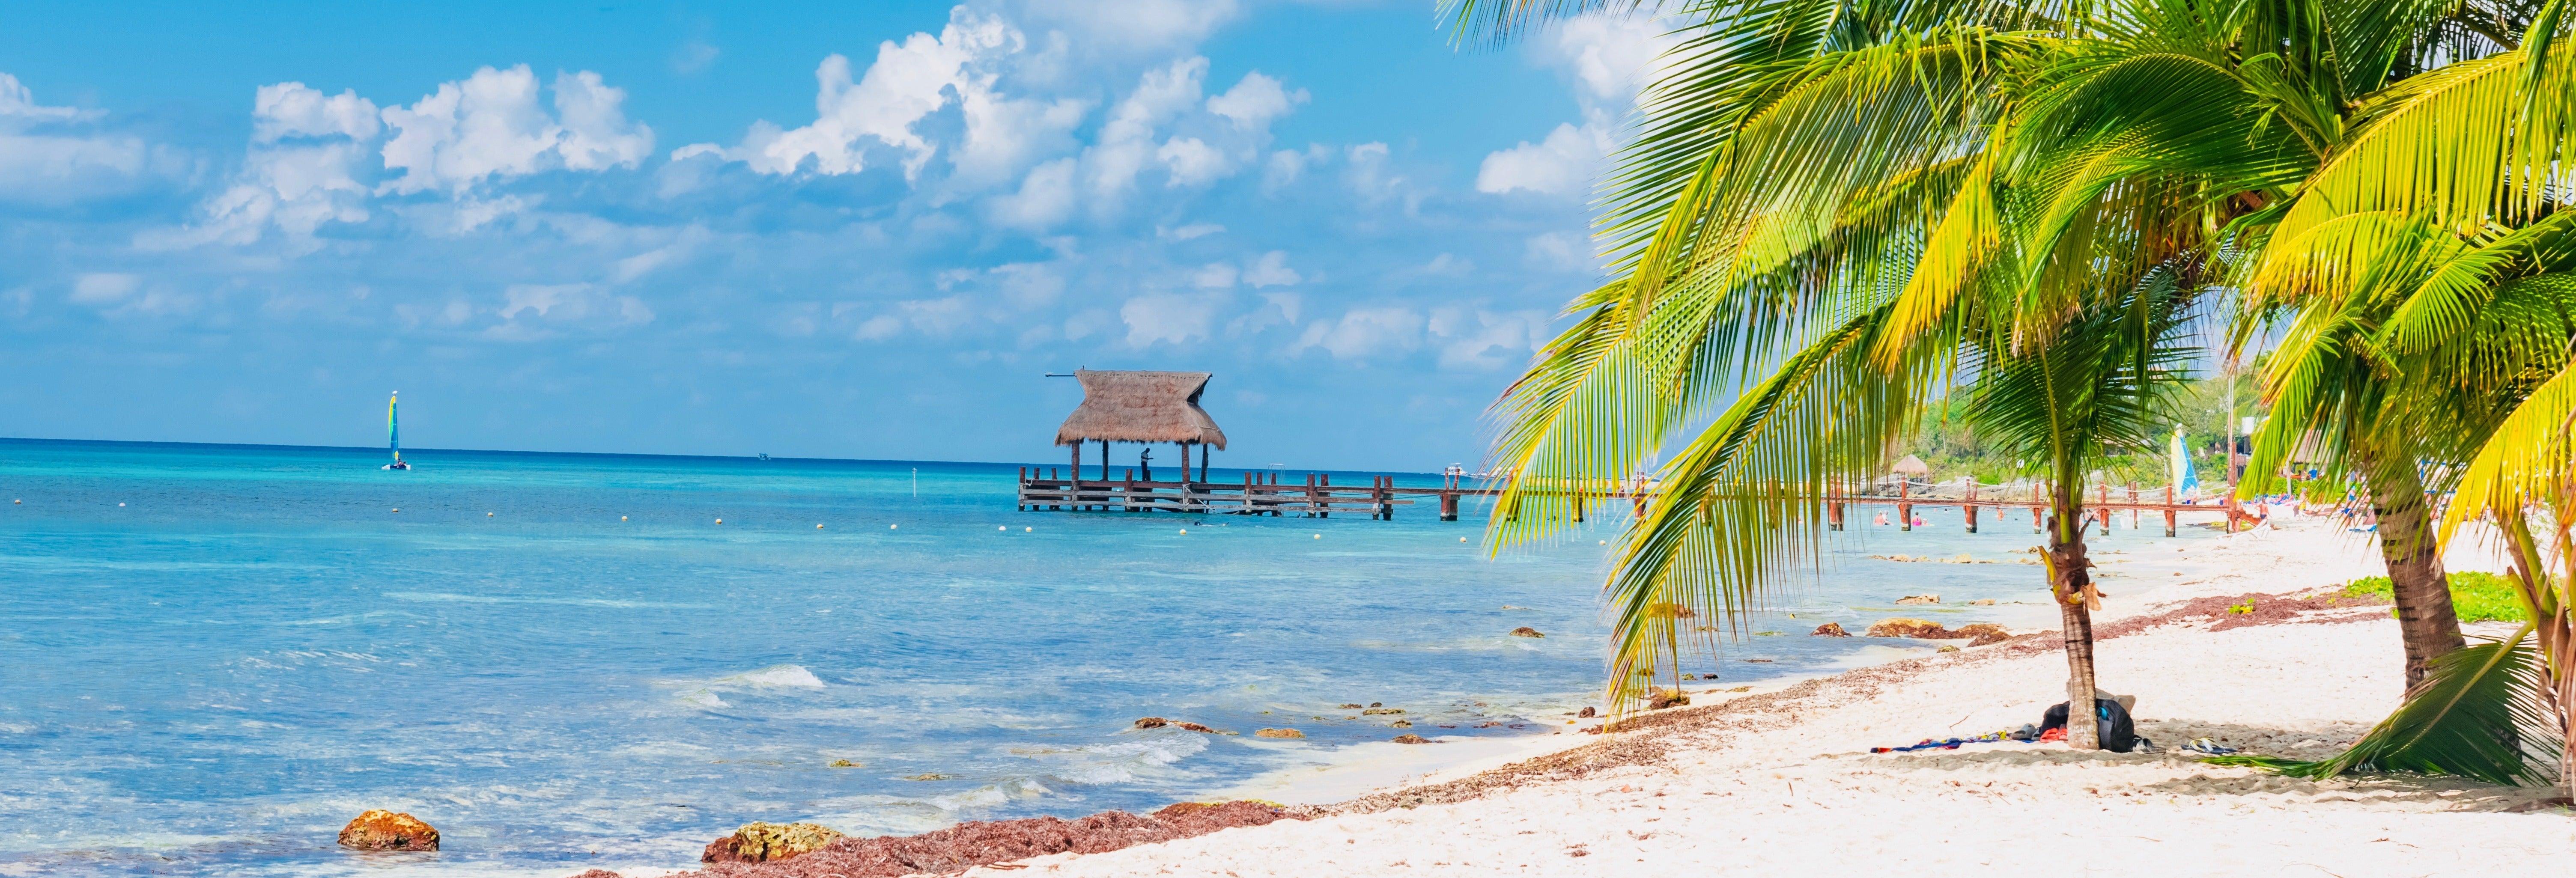 Excursão a Cozumel de barco